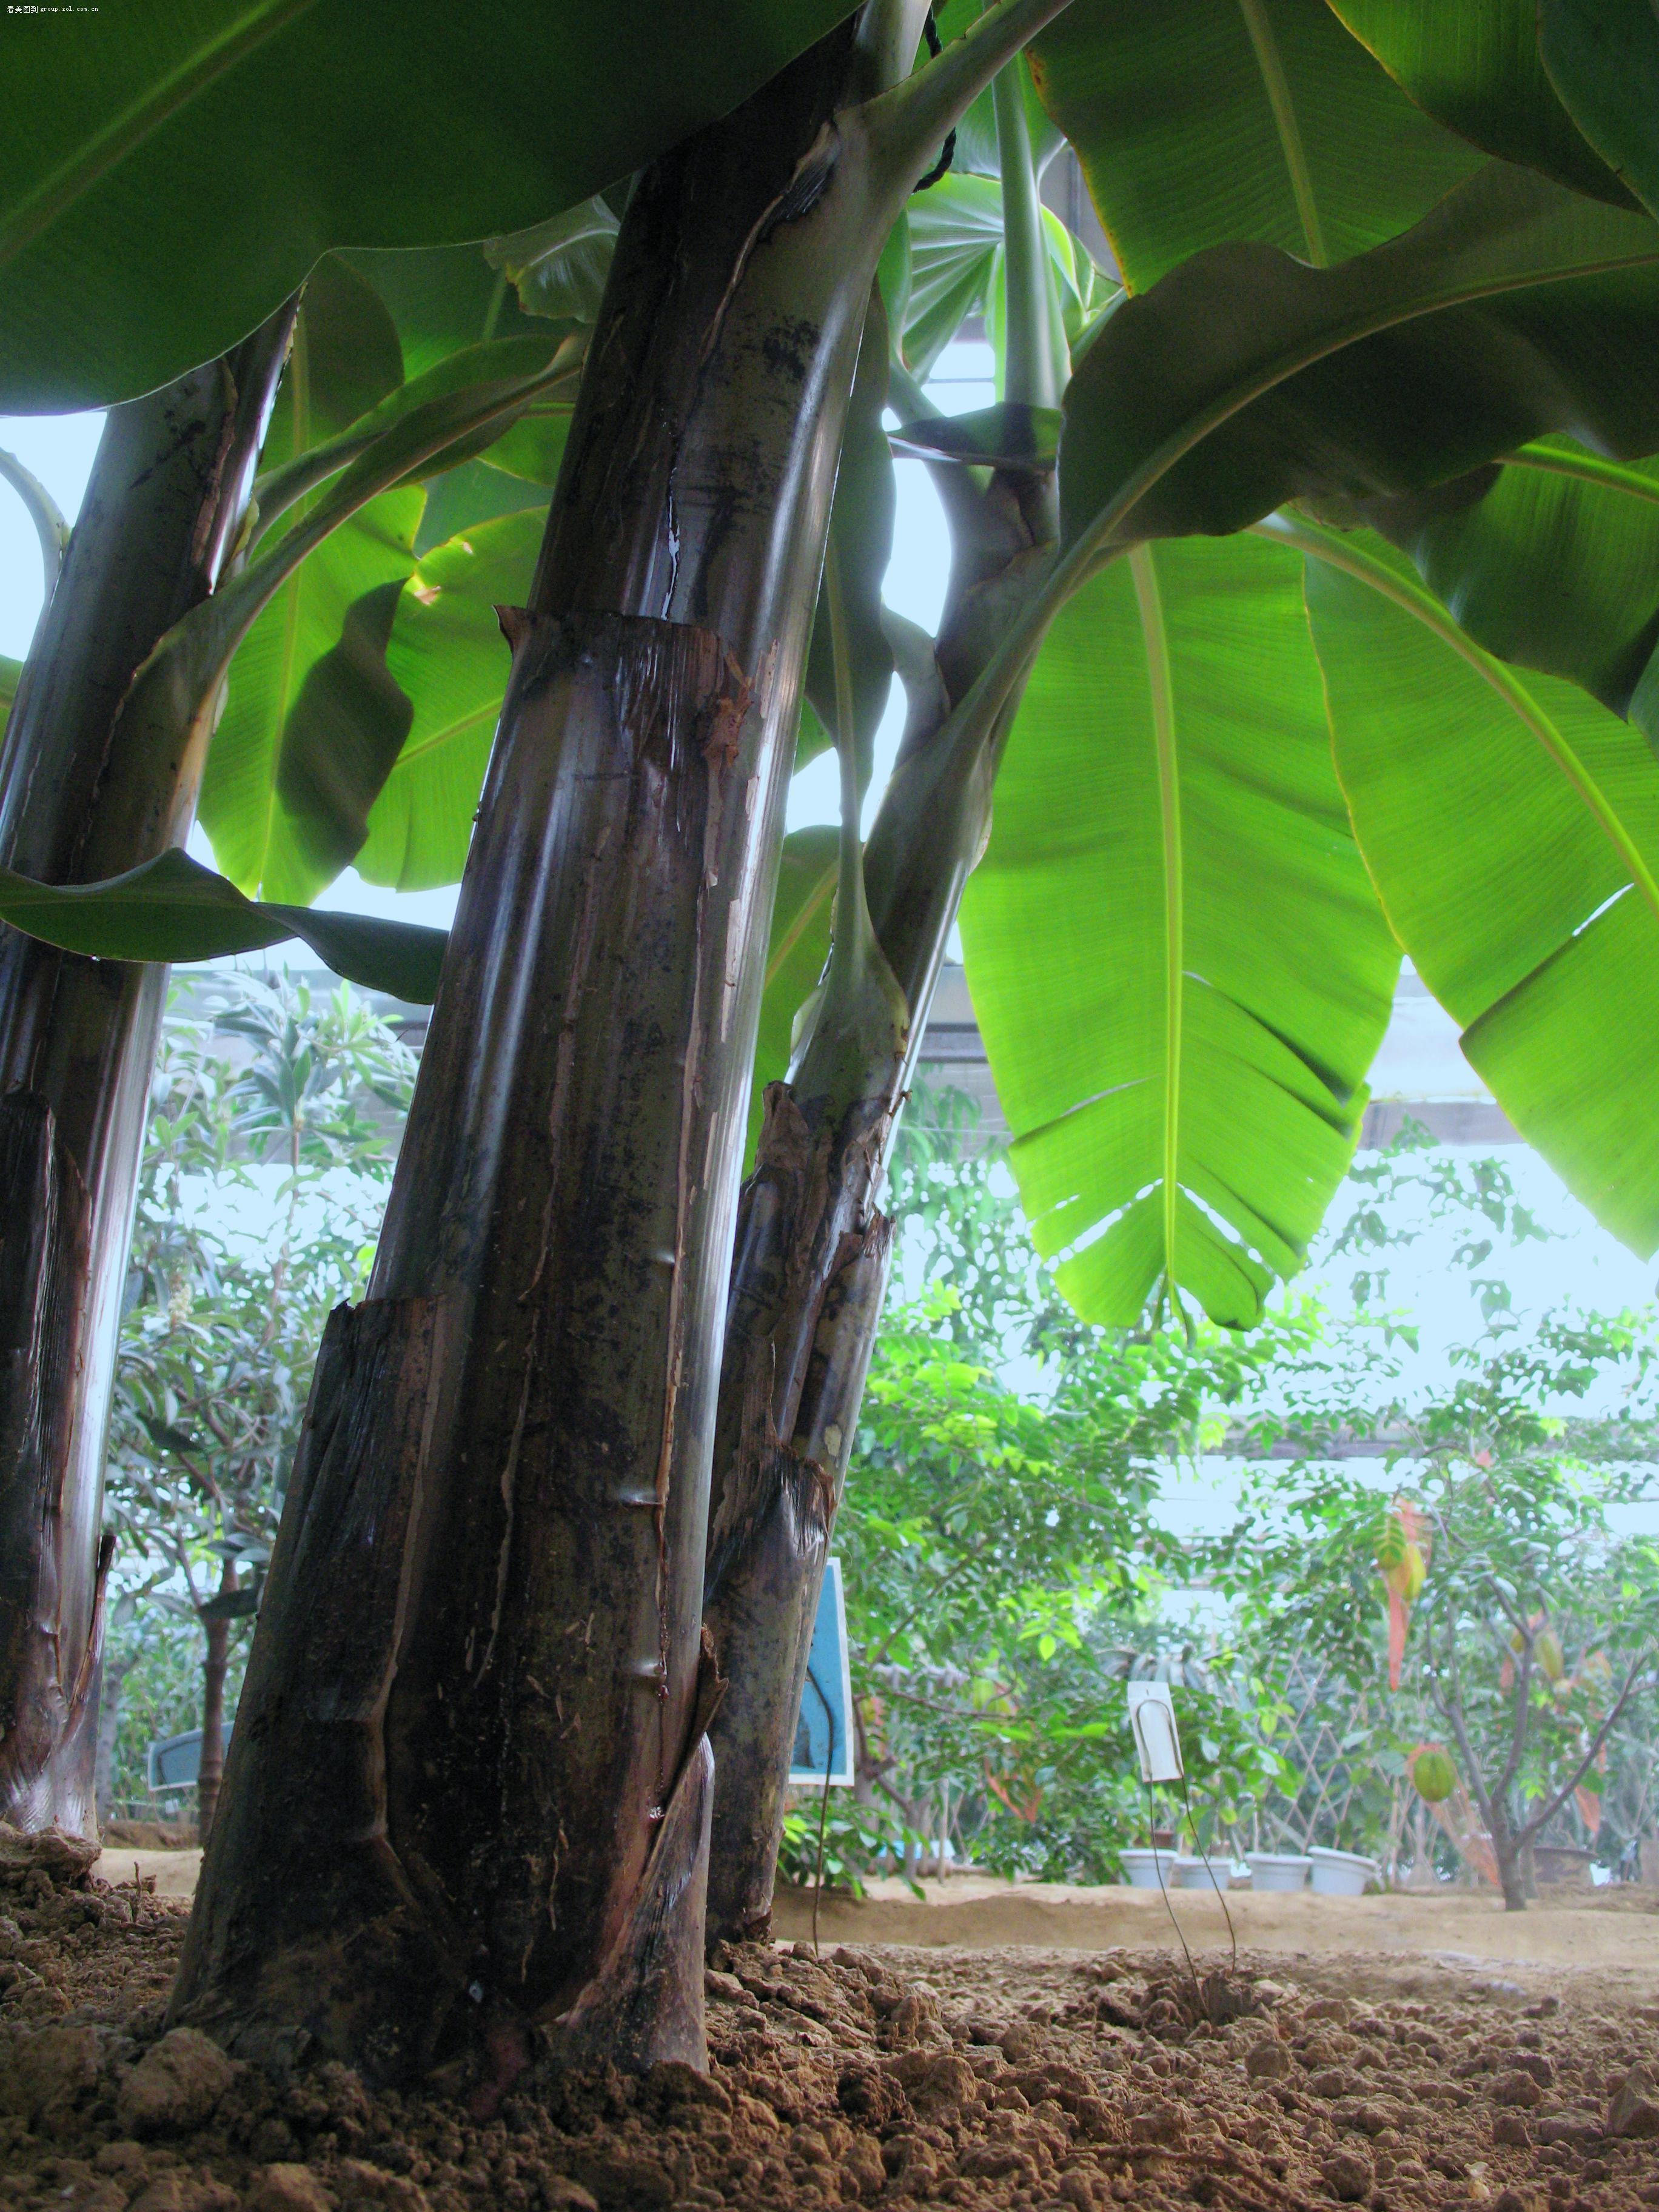 仰拍的香蕉树林 - 佳能 powershot a640 数码相机 - 小熊比价网产品论